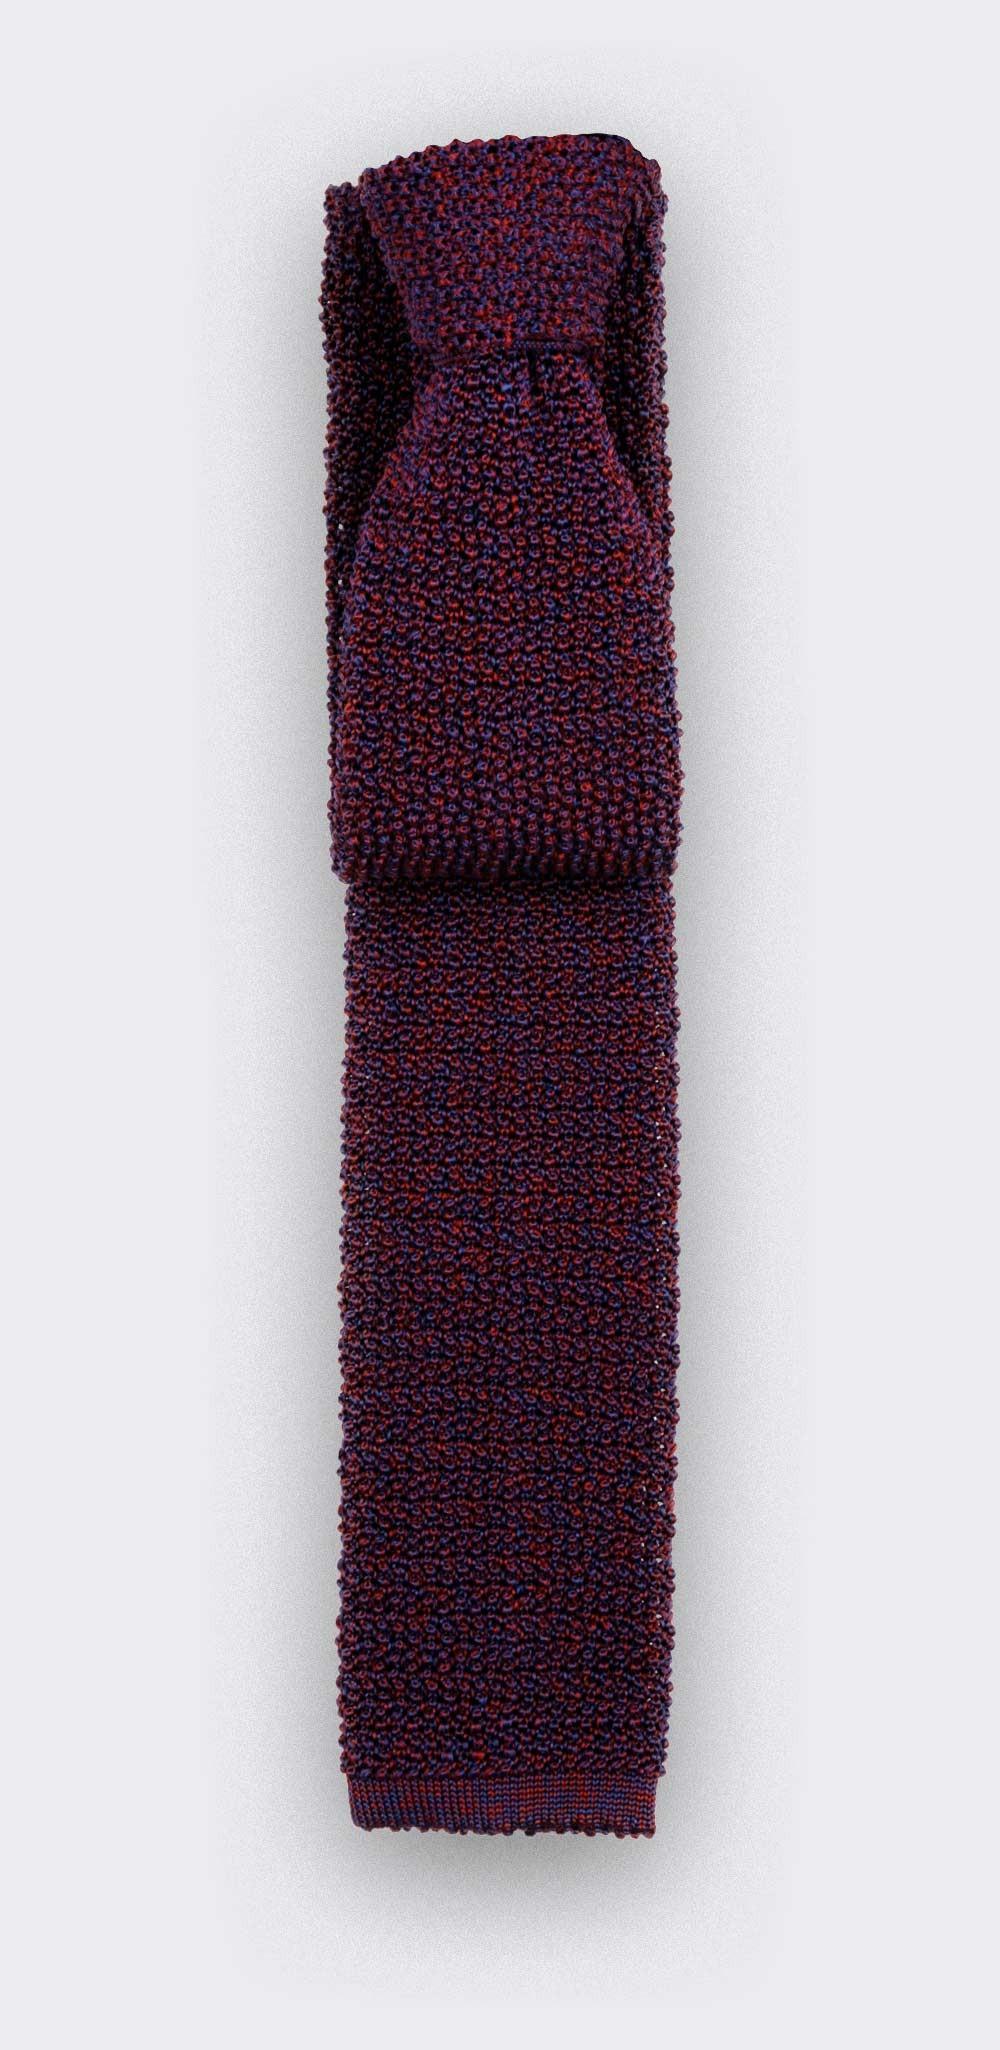 Cravate Tricot Marine Bordeaux - Cinabre Paris